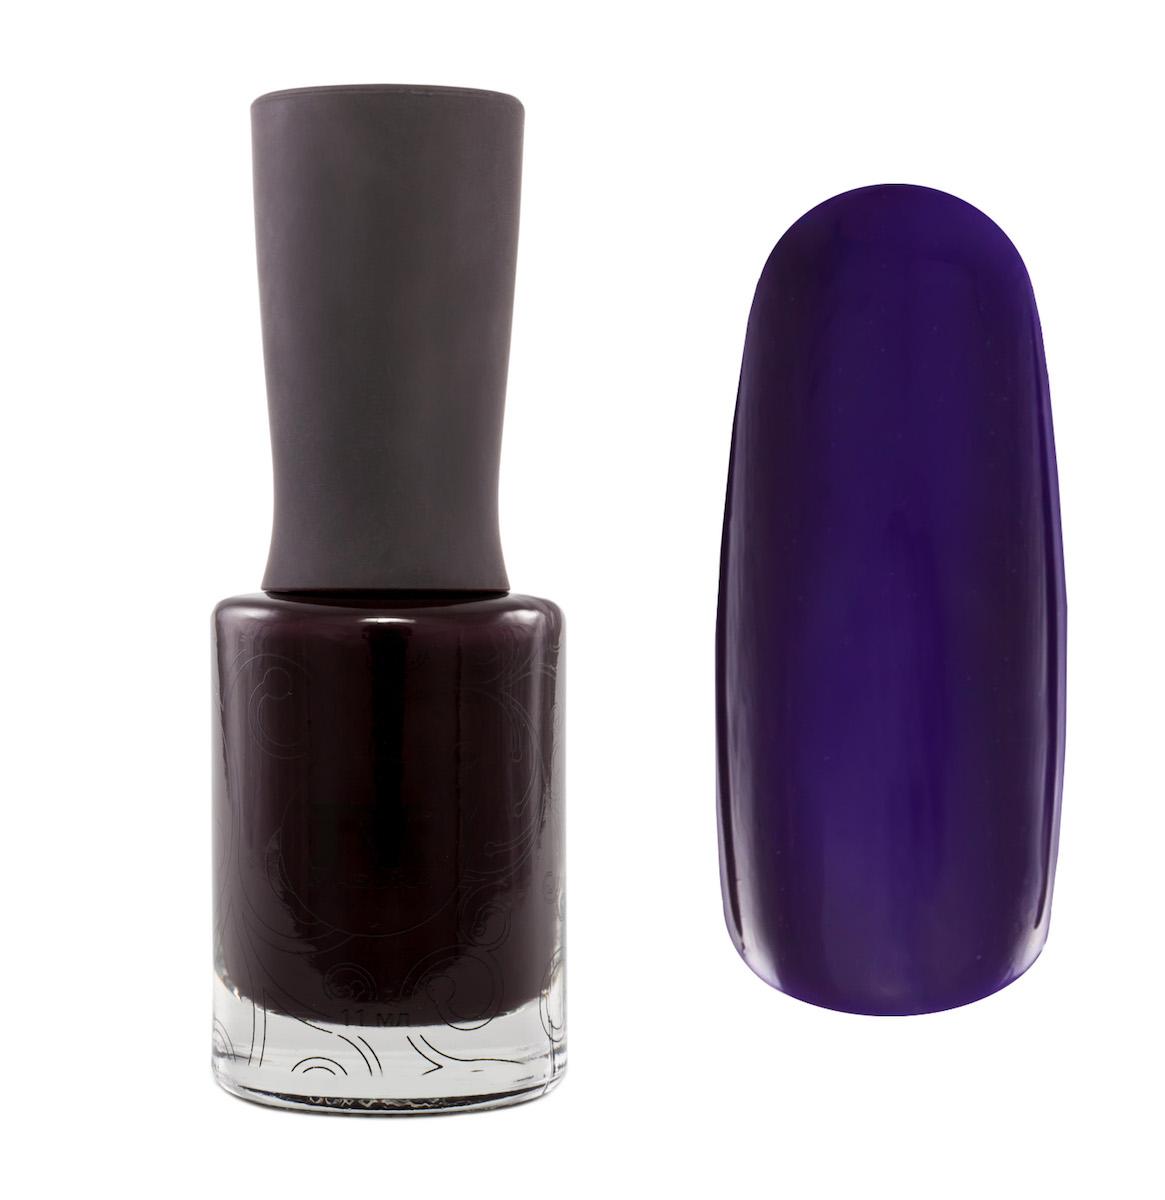 Masura Лак для ногтей Для Него, 11 мл1034чернильный желейный с фиолетовый подтоном, лаковая версия гель-лака MASURA MASCULINE Для НегоКак ухаживать за ногтями: советы эксперта. Статья OZON Гид